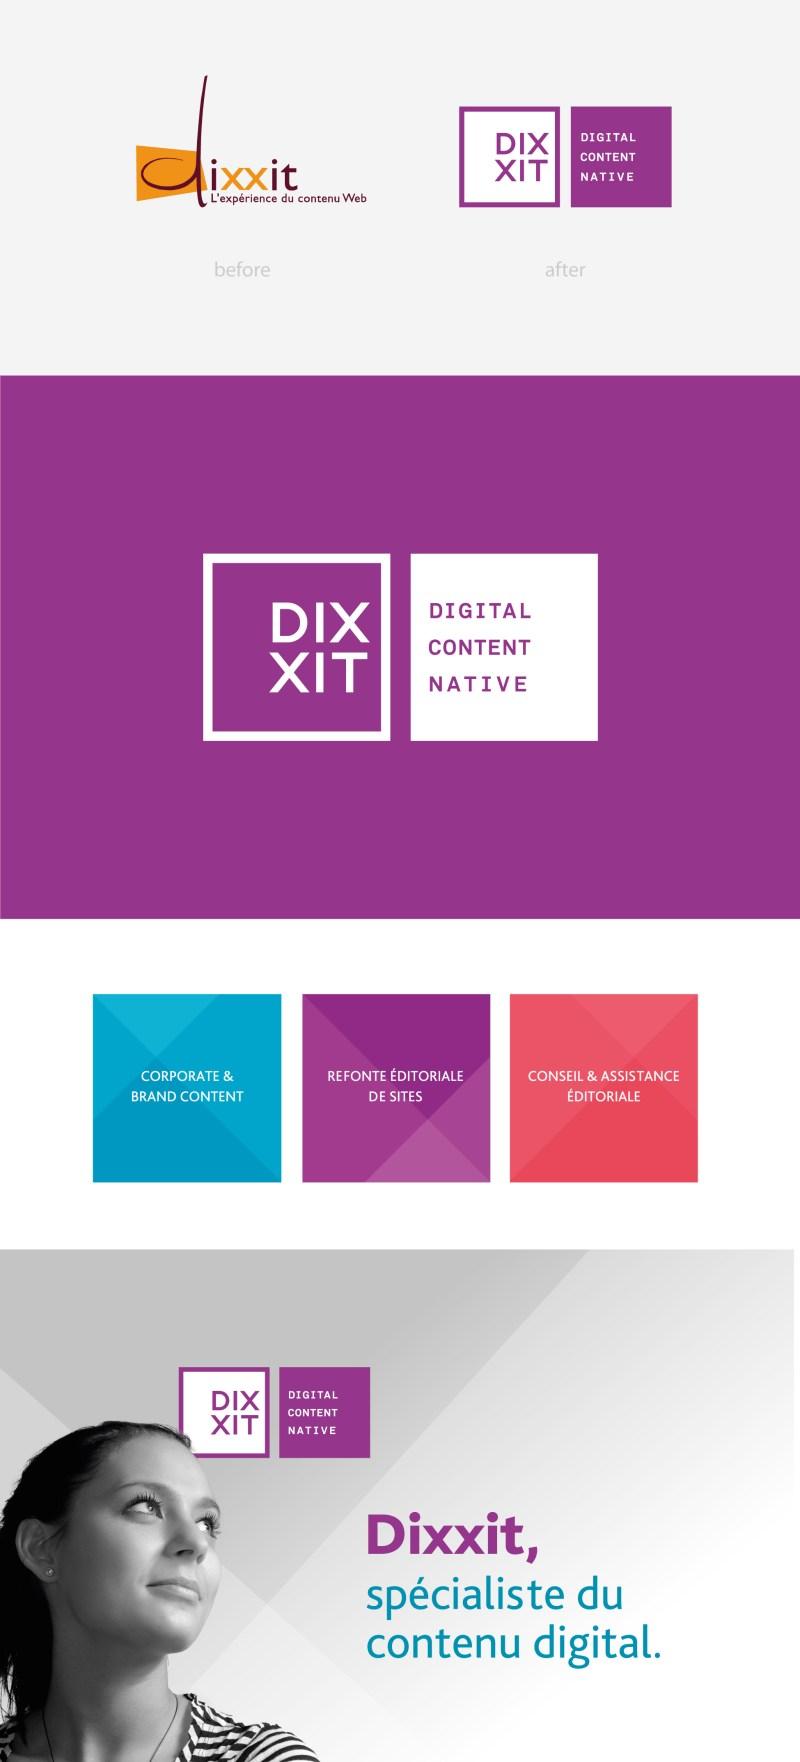 behance-dixxit-web1